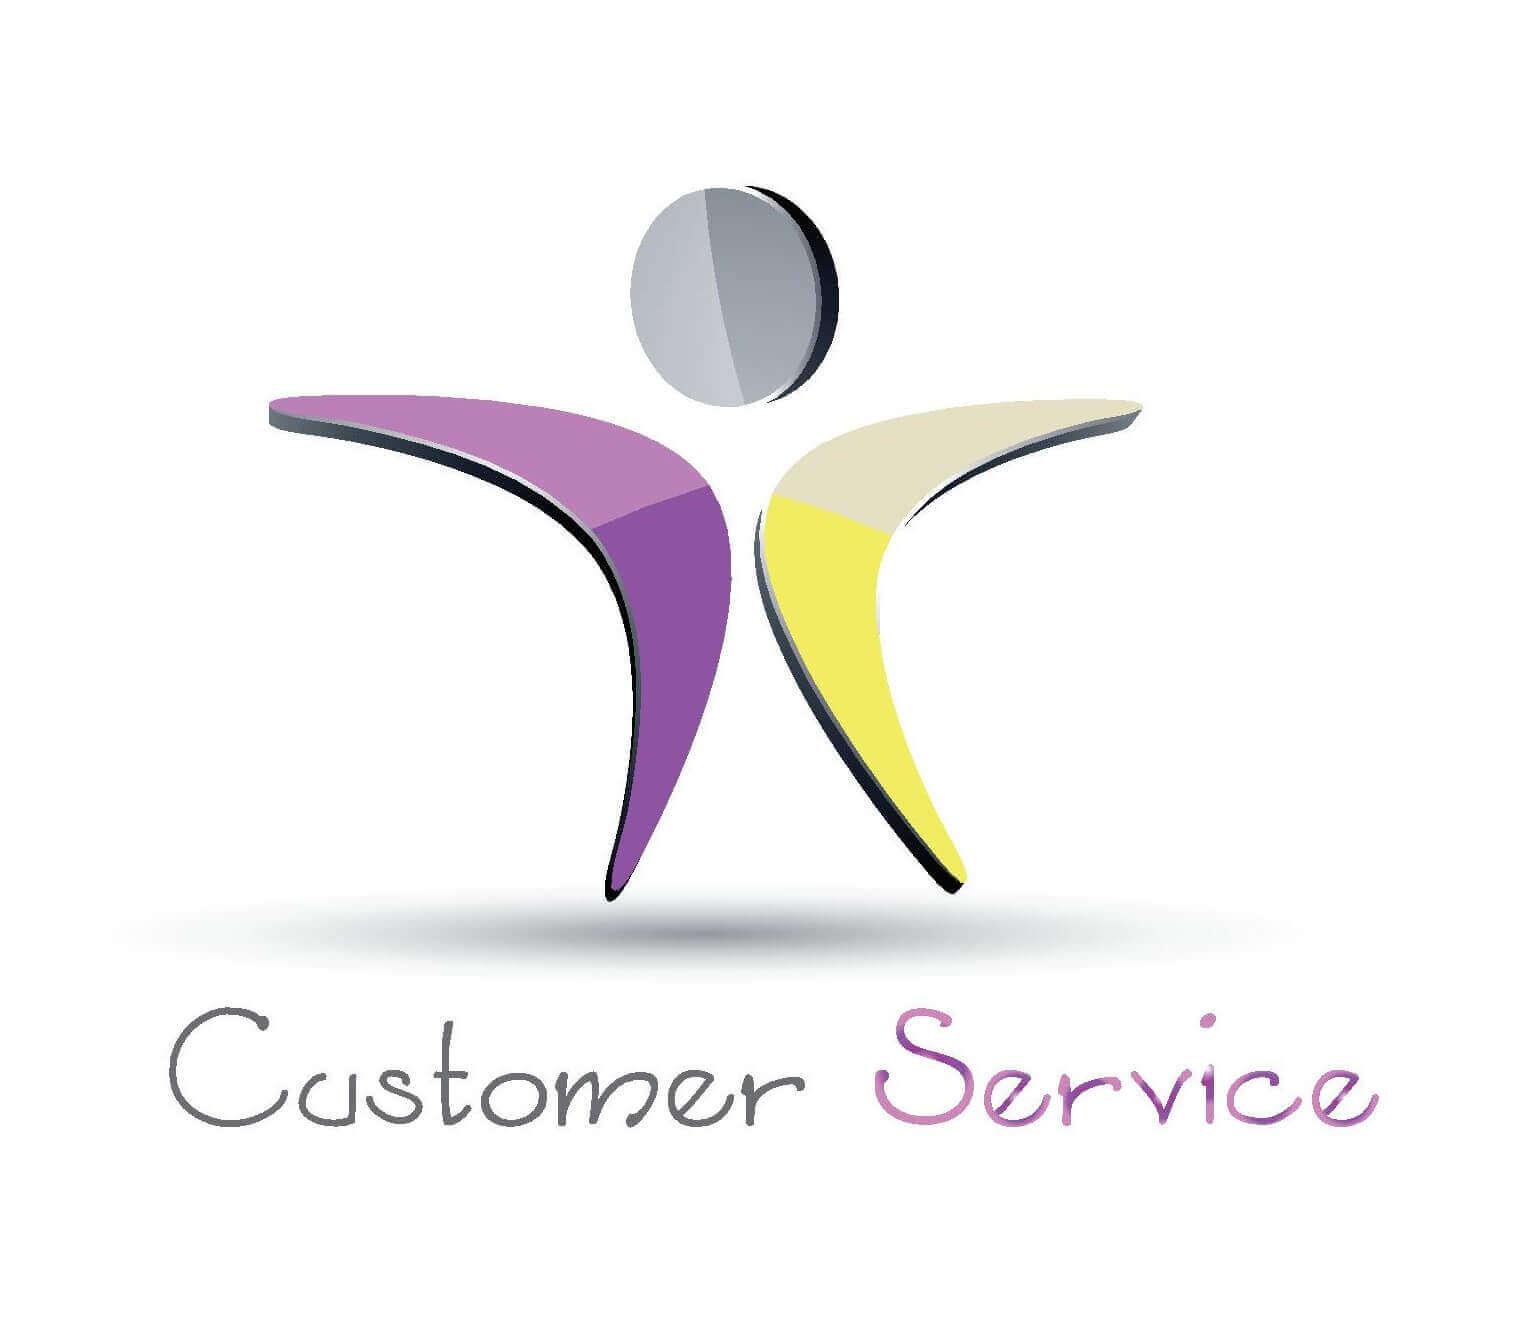 Customer Service | Λογισμικό Παραγγελιοληψίας Πακέτου για καταστήματα take away, delivery και εντατικής λιανικής